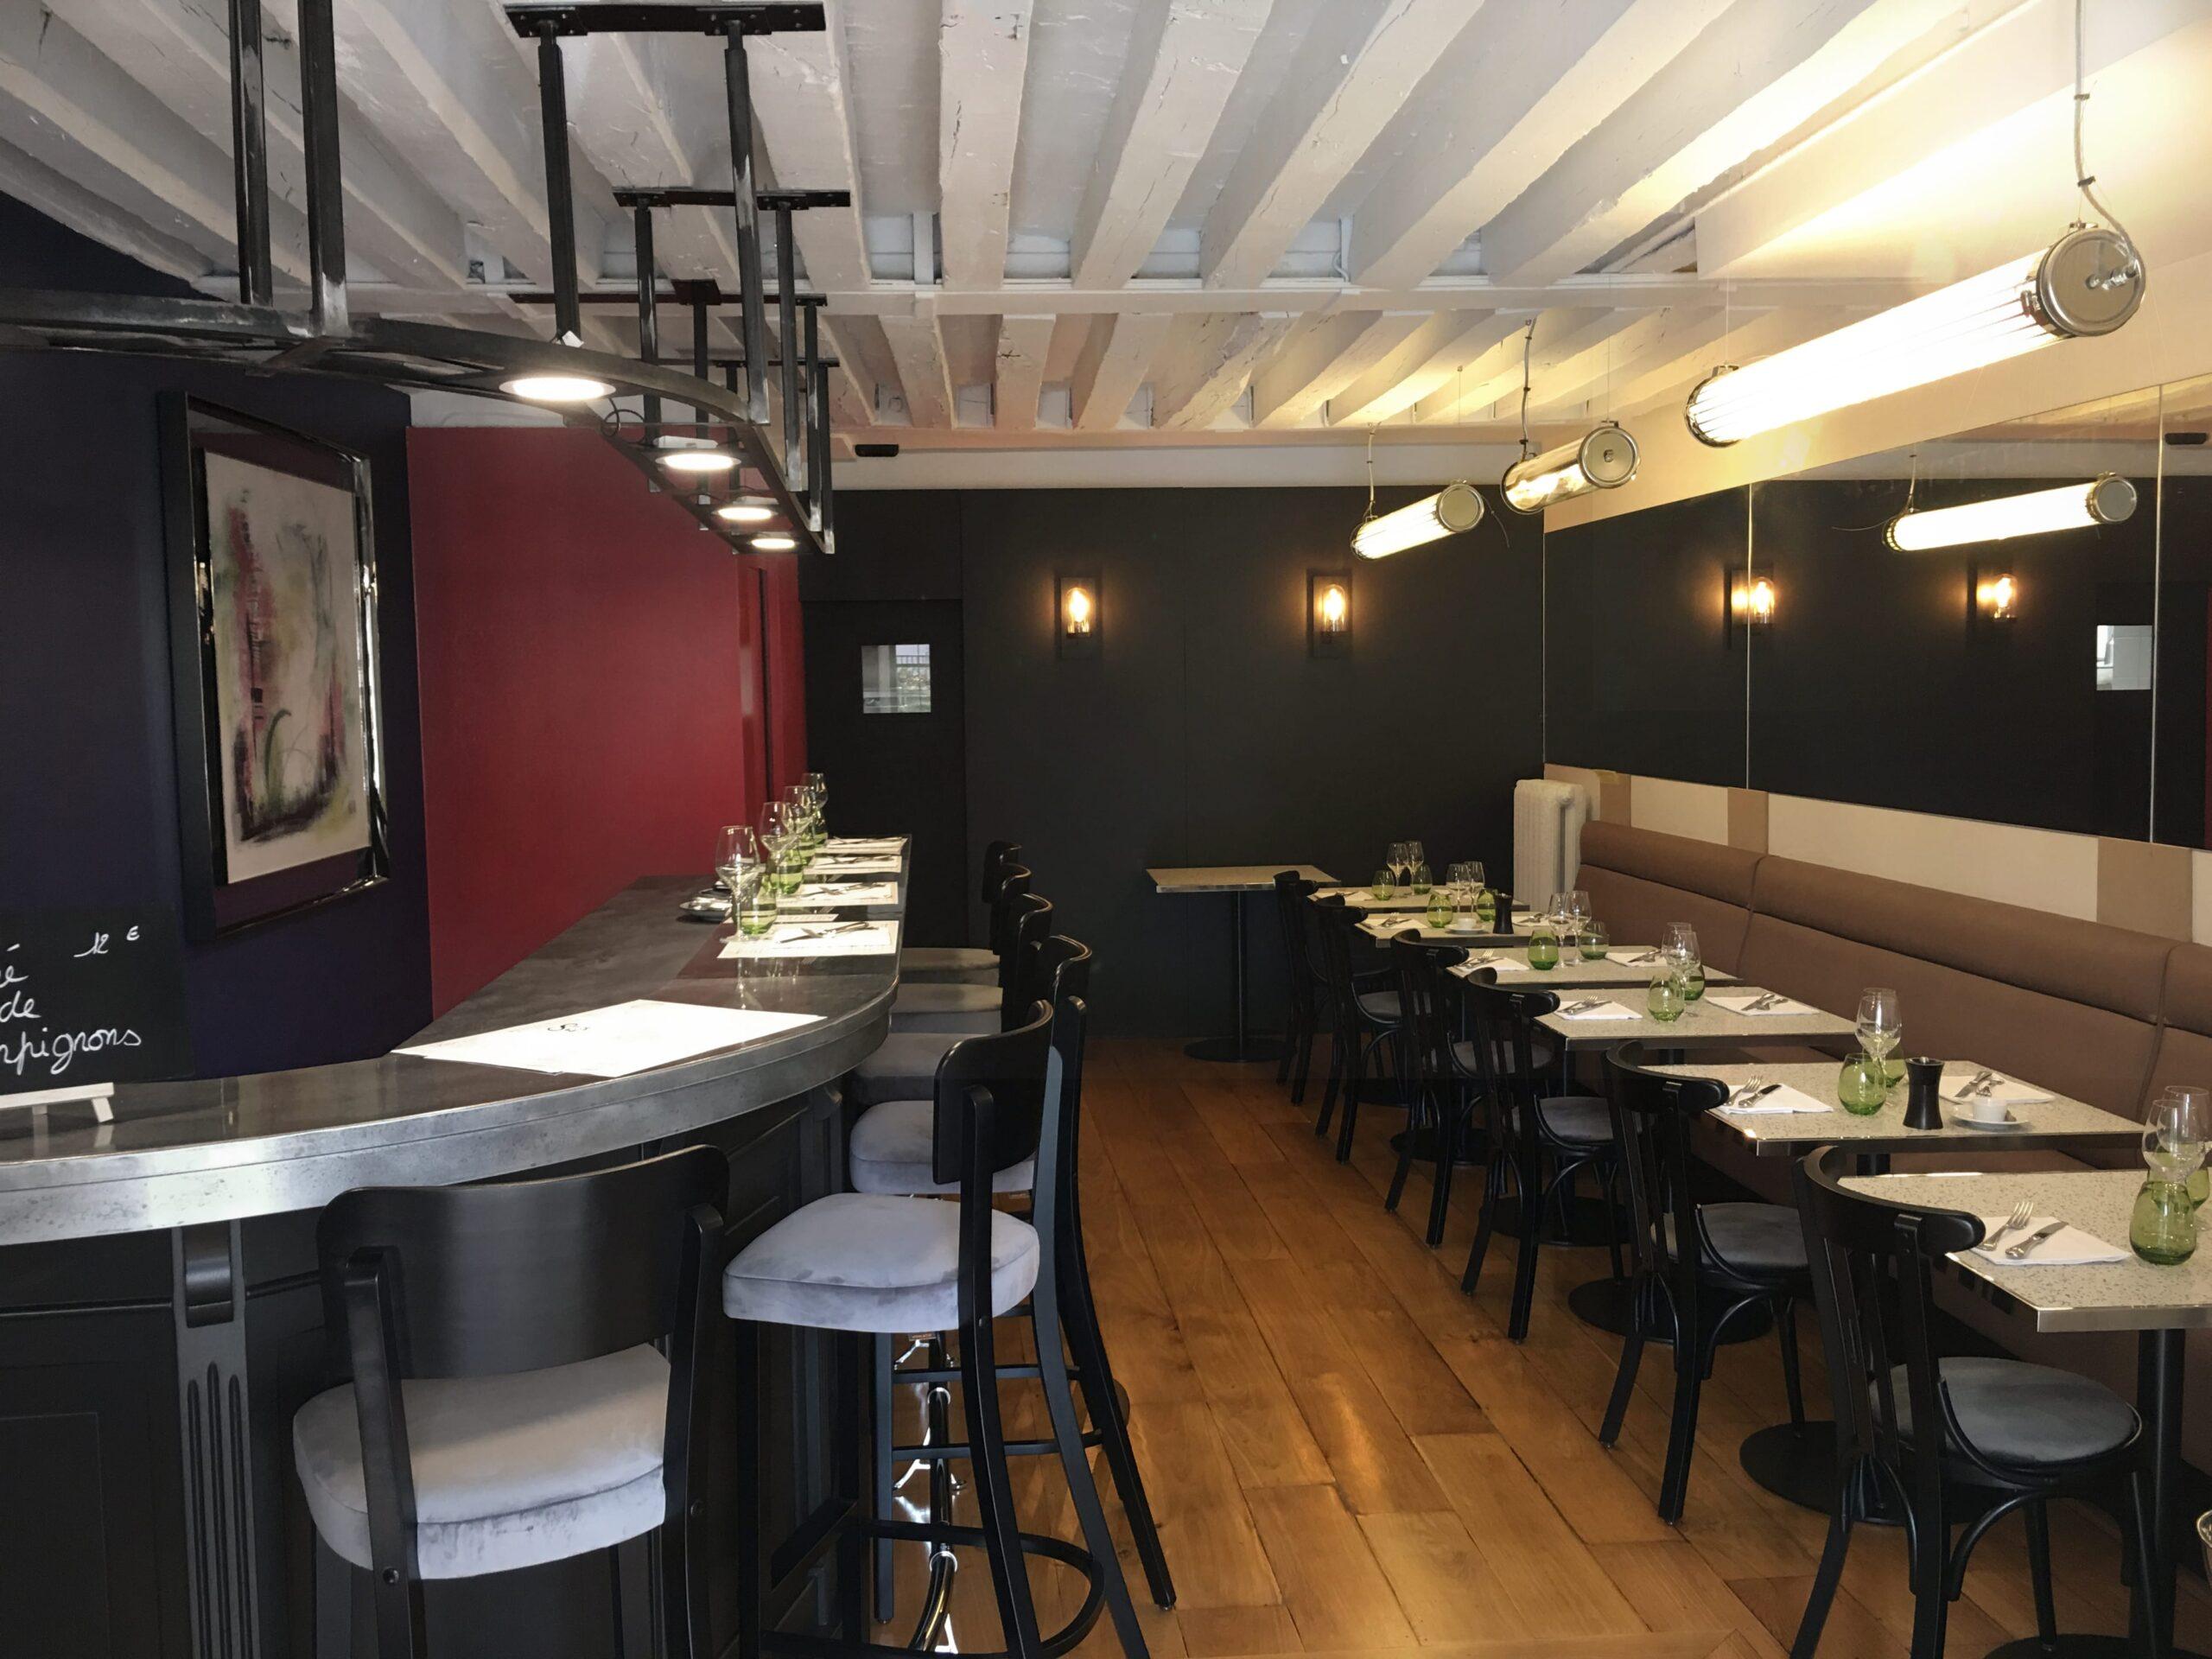 bleu-blanche-rouge-versailles-amenagement-restaurant-architecture-interieur-favresse-architectes-01-min